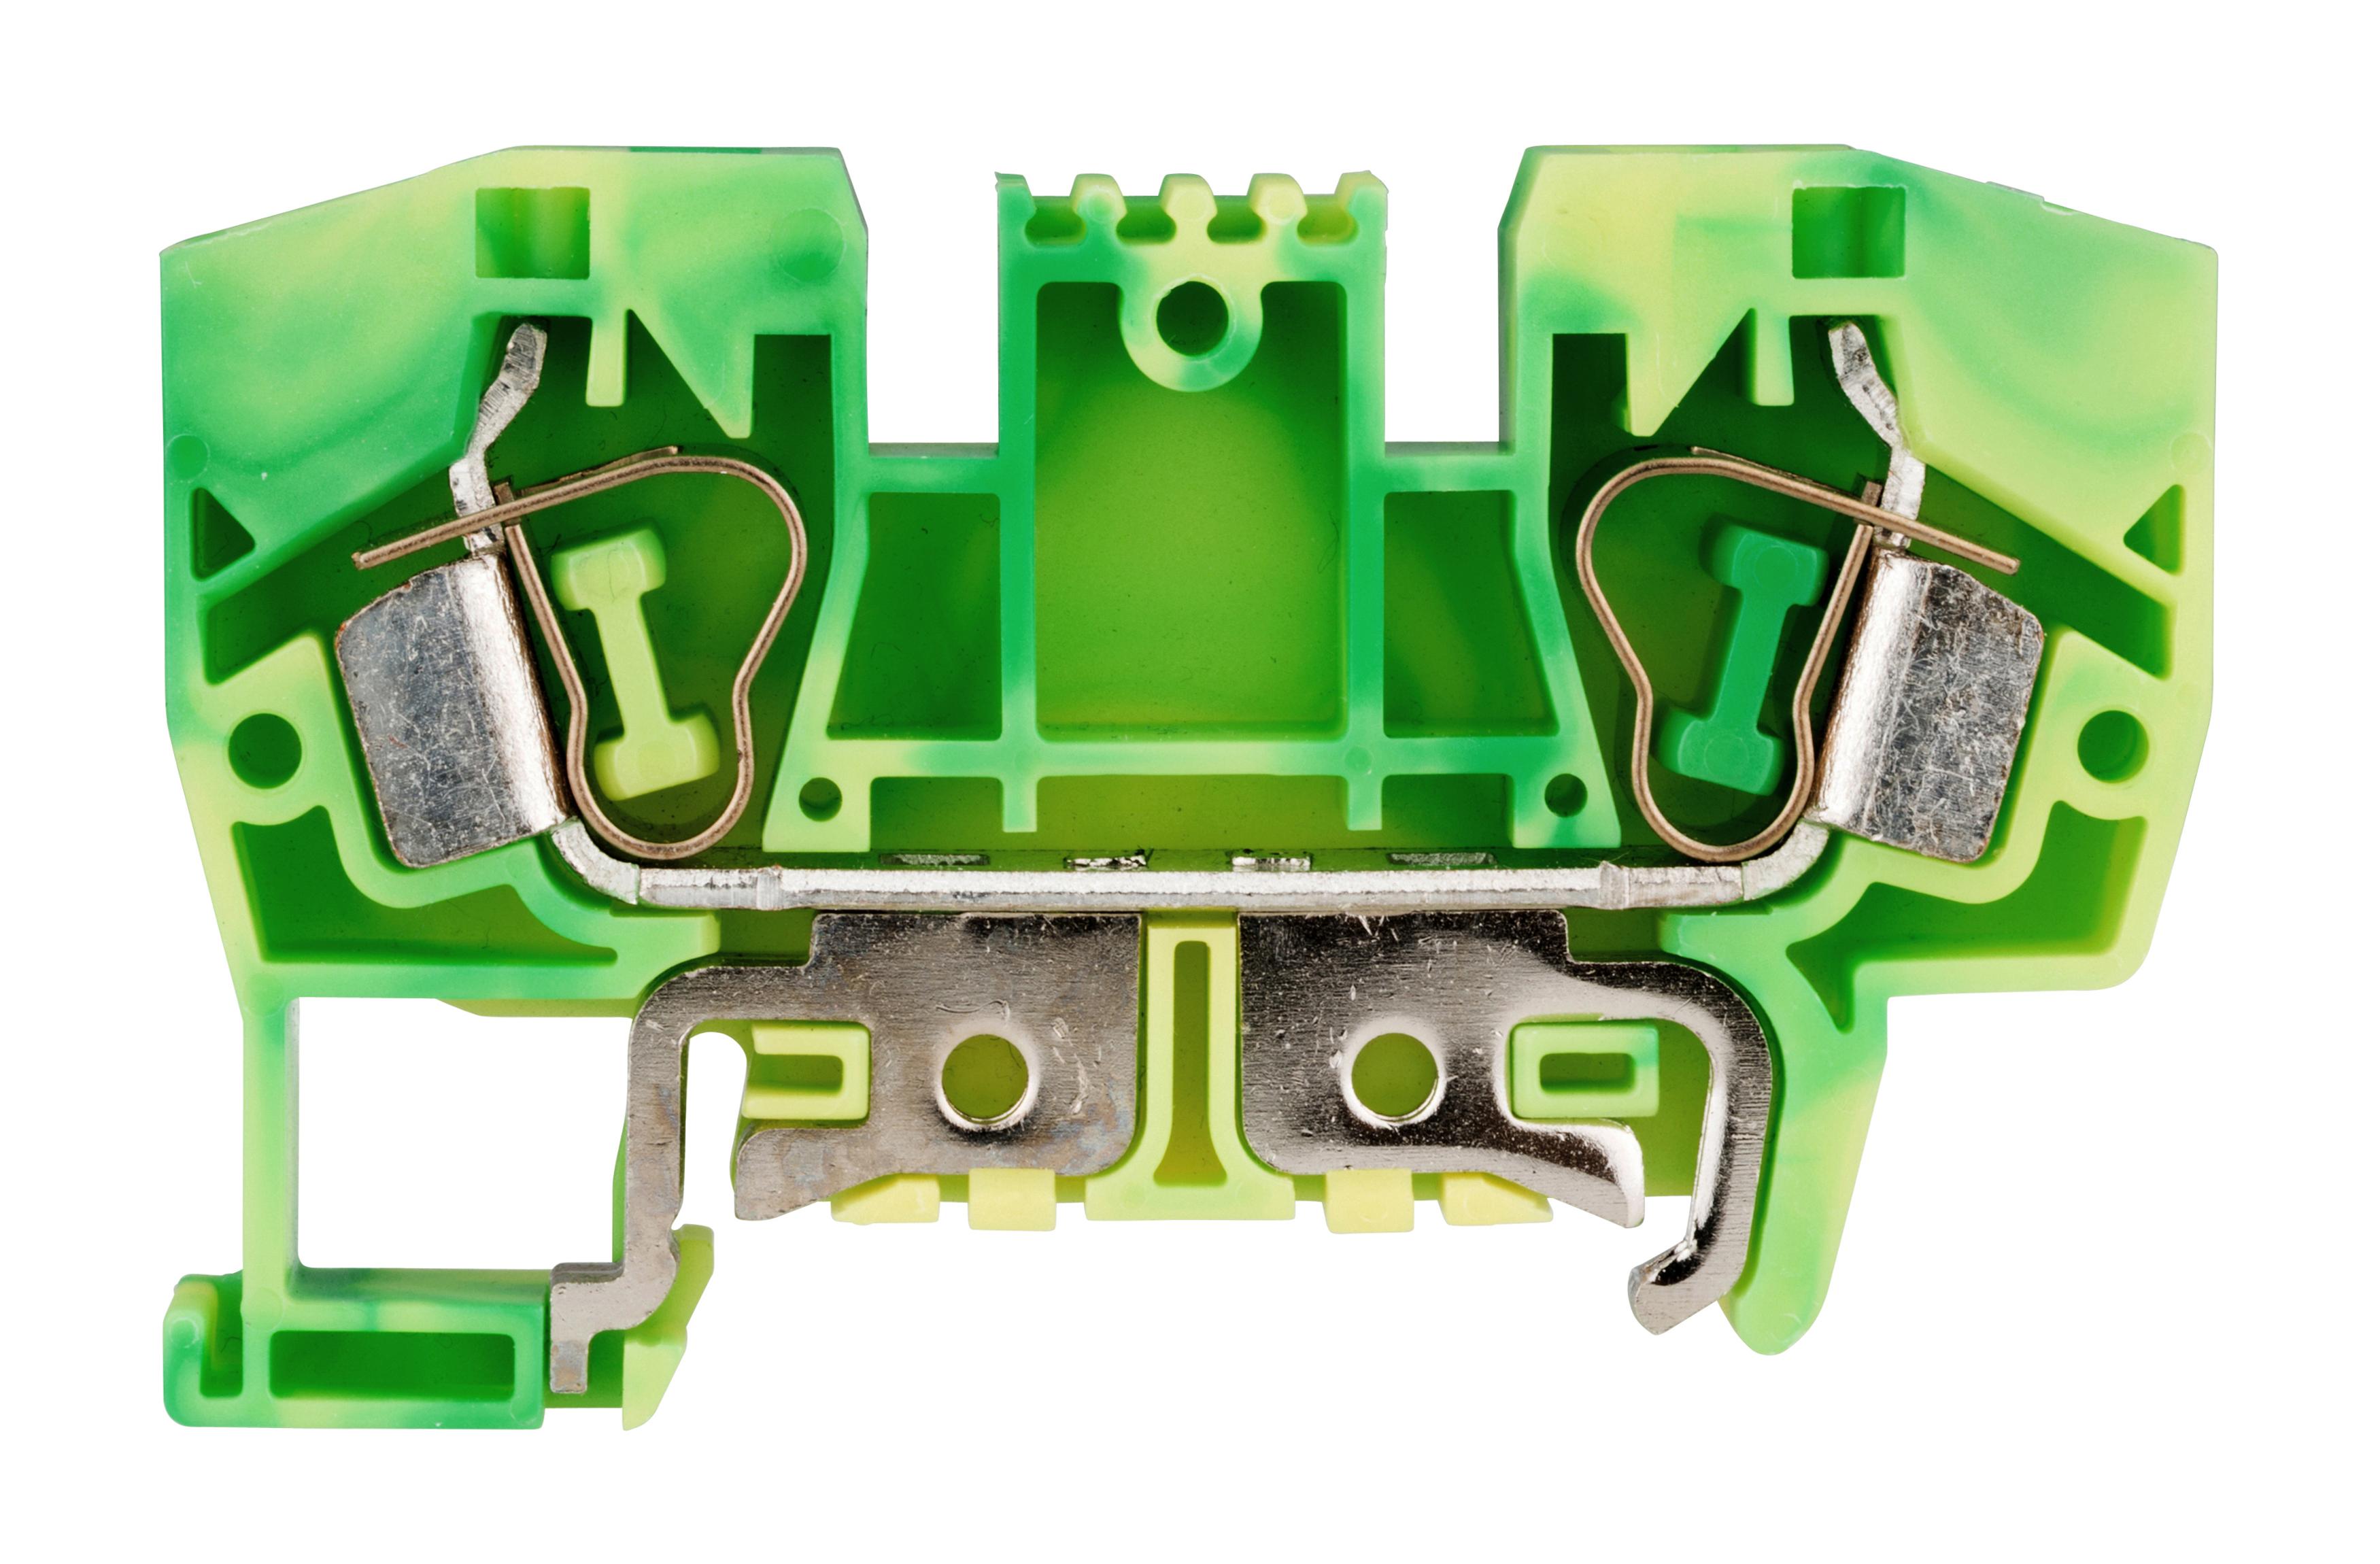 1 Stk Schutzleiter-Federkraftklemme 10mm², Type YBK10T gelb-grün IK632010--